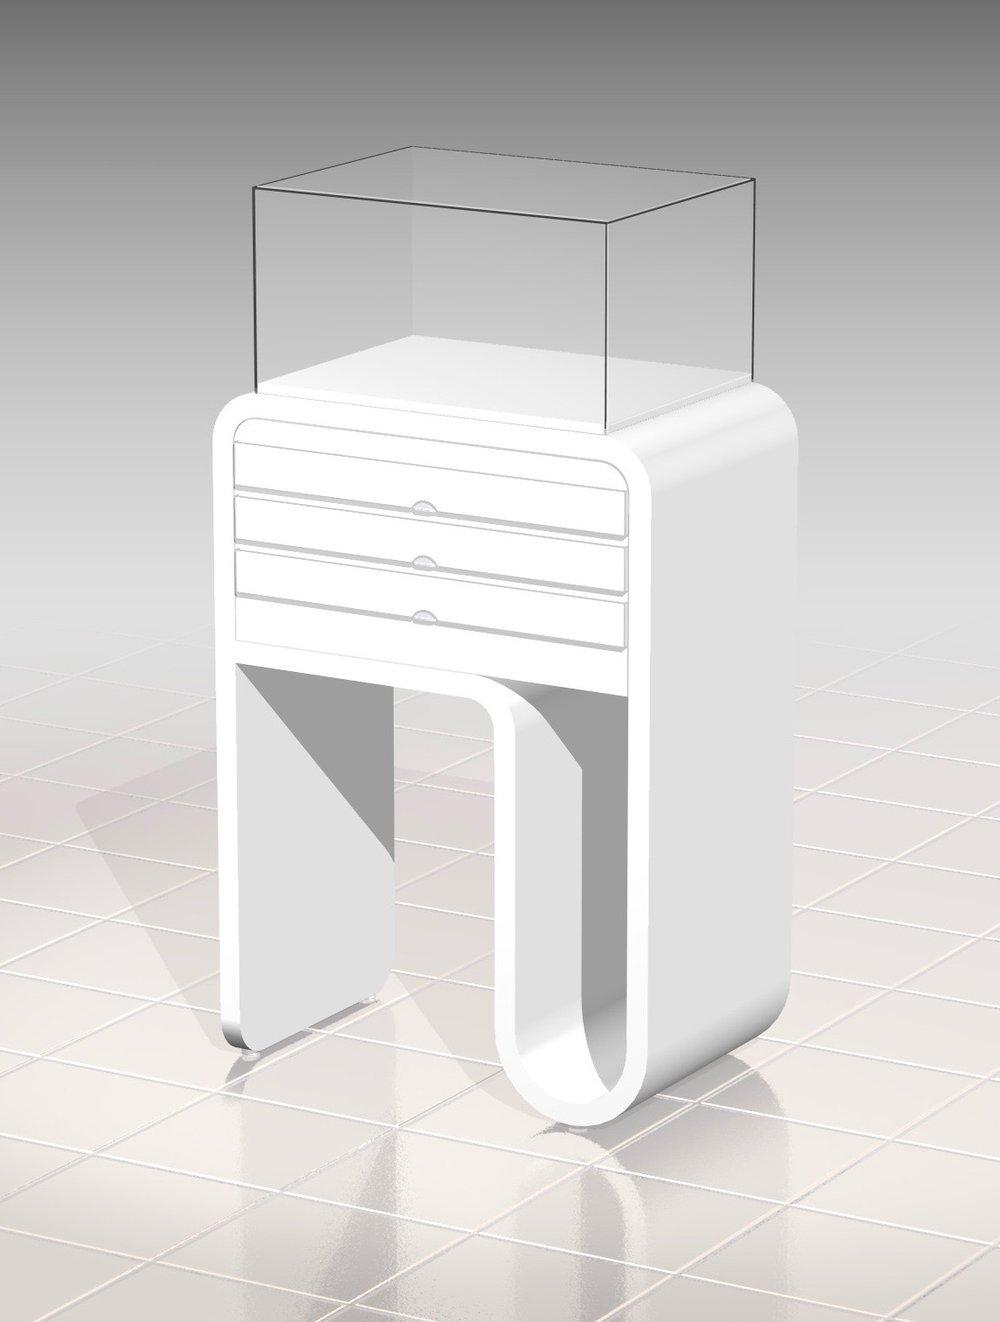 fixtures_11.jpg